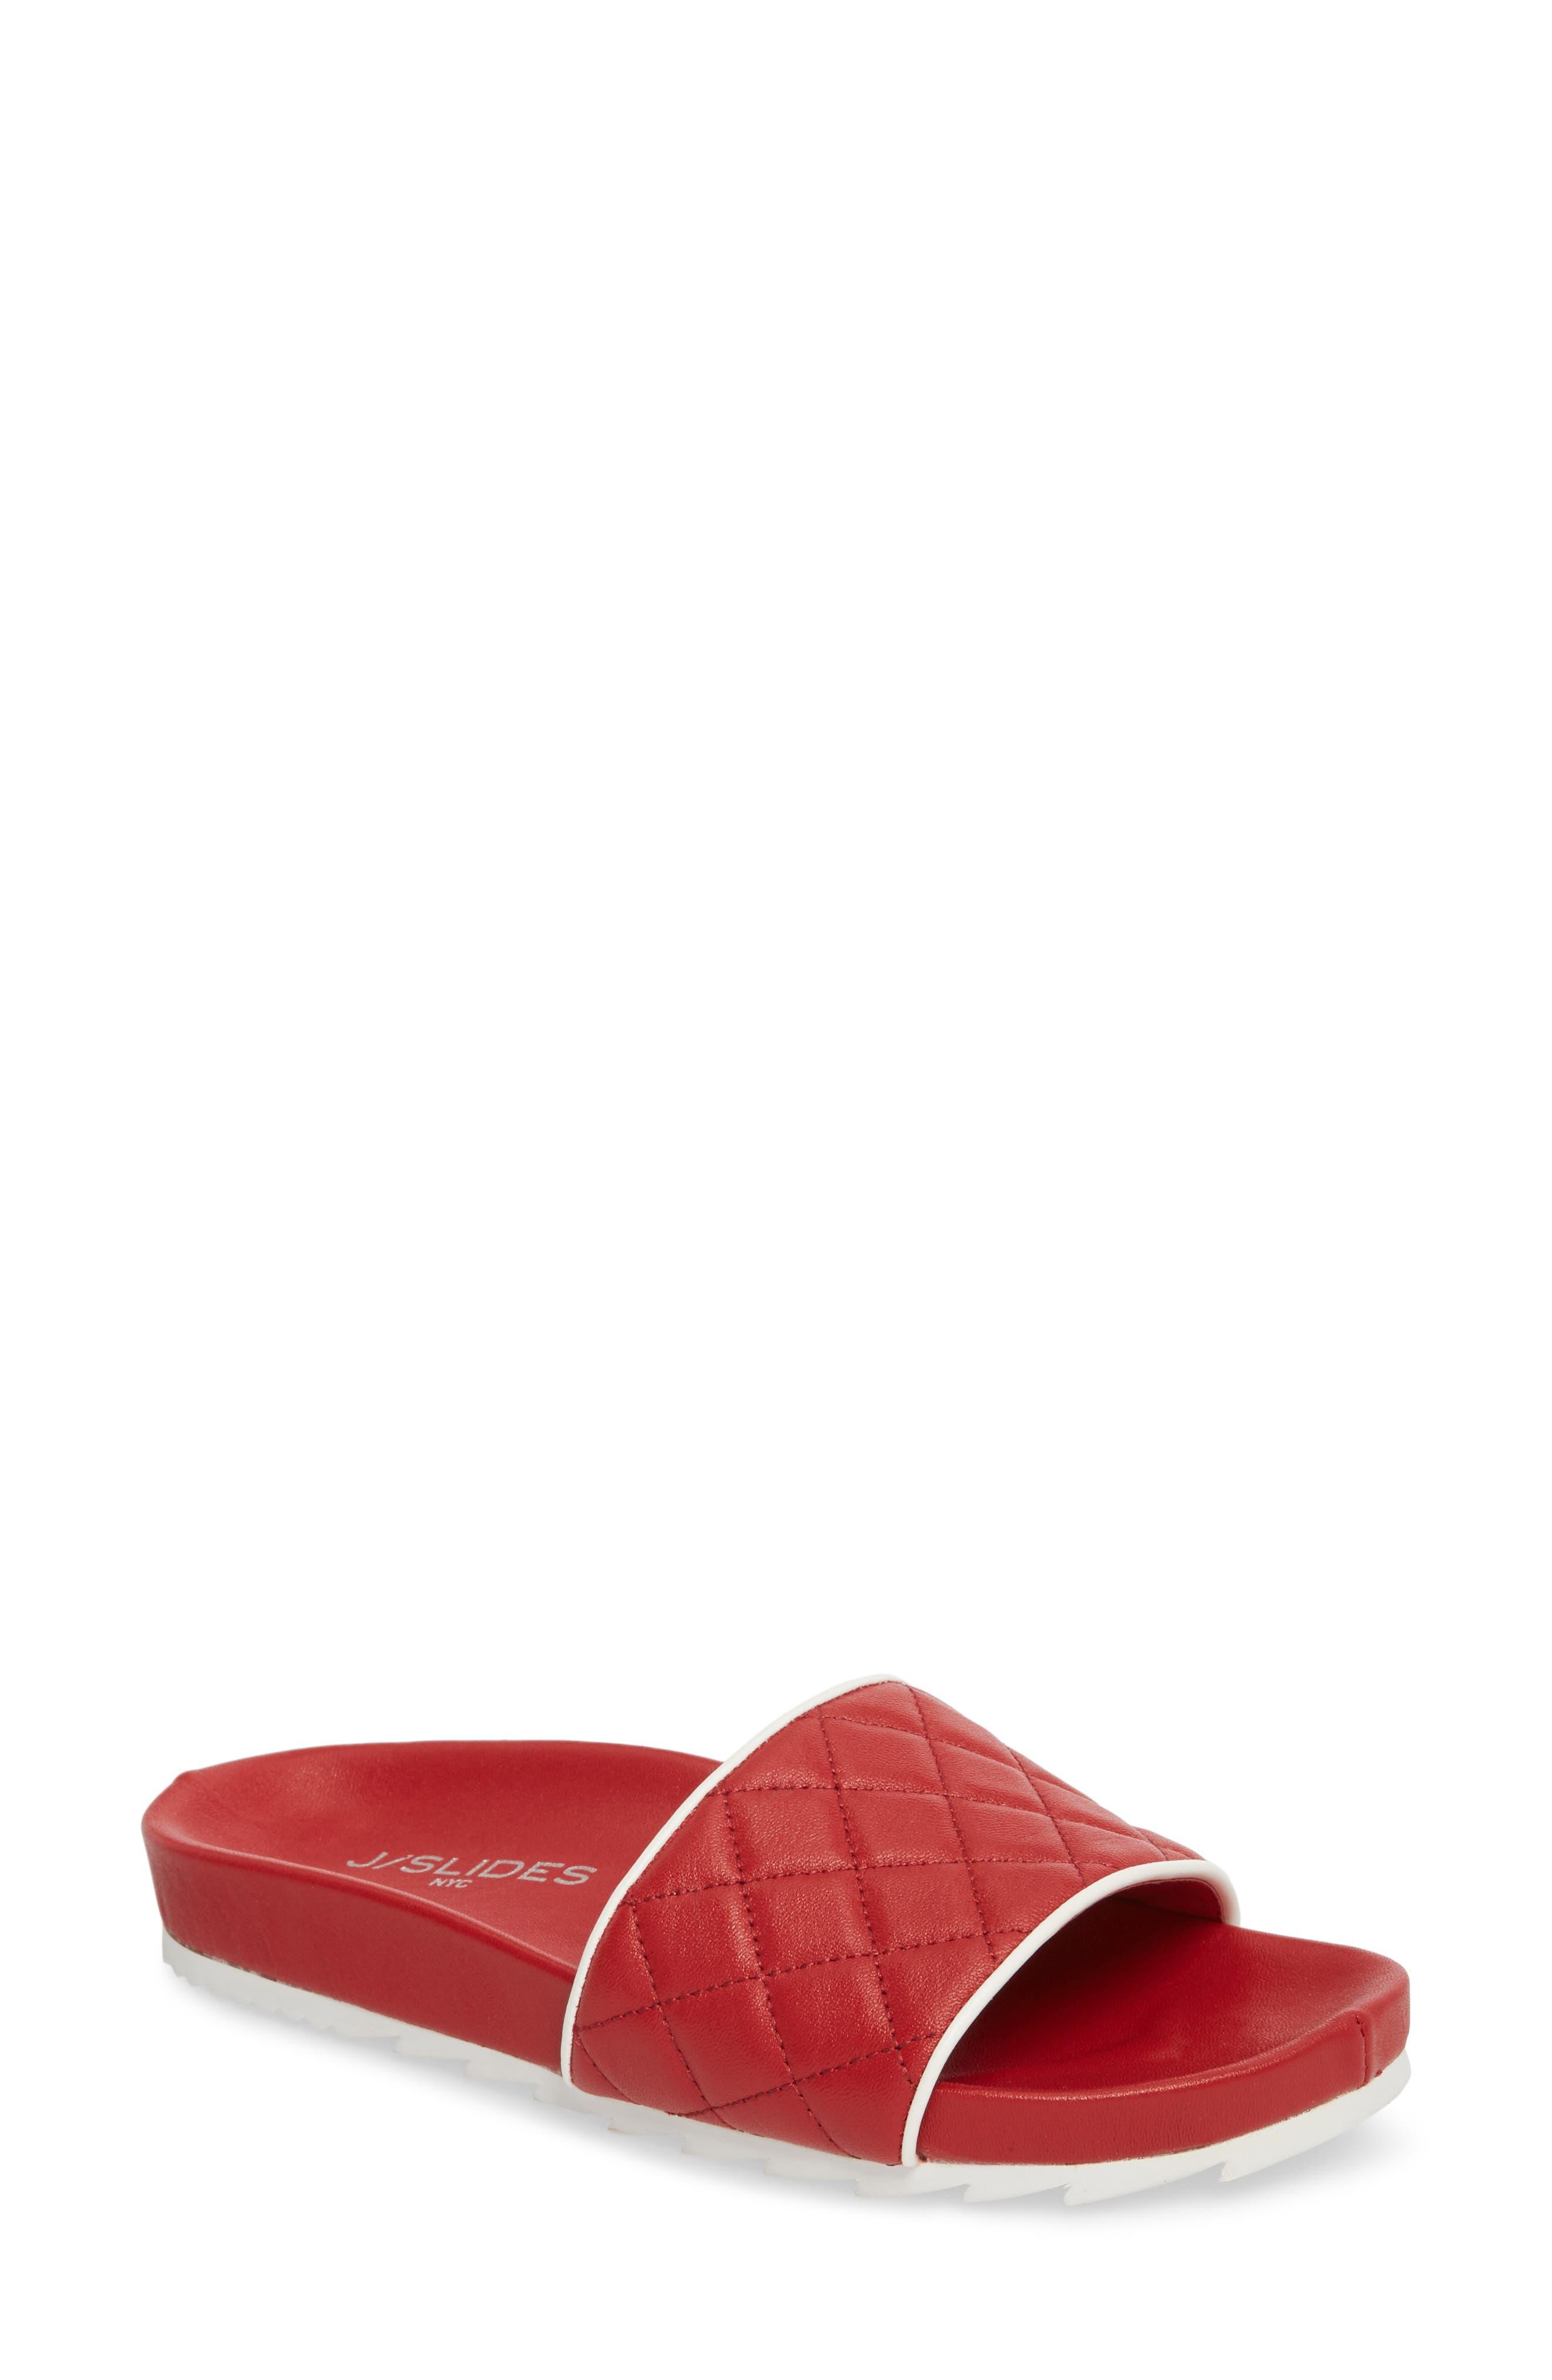 Jslides Edge Slide Sandal- Red